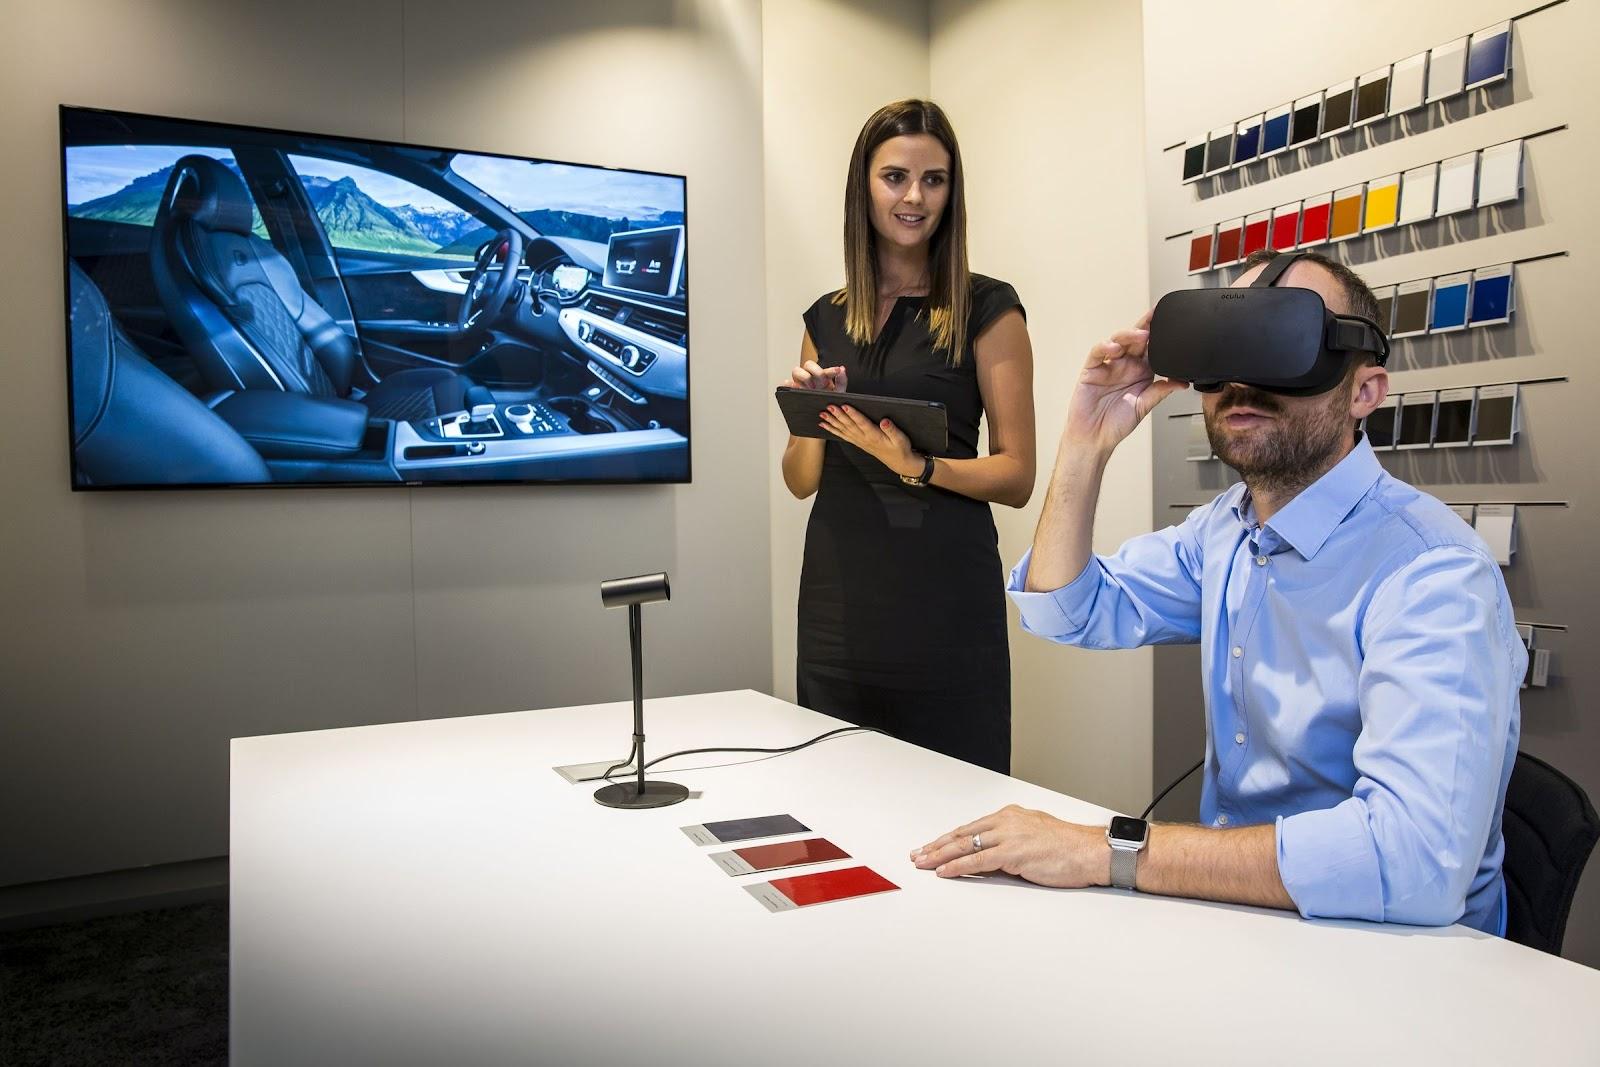 VR showrooming